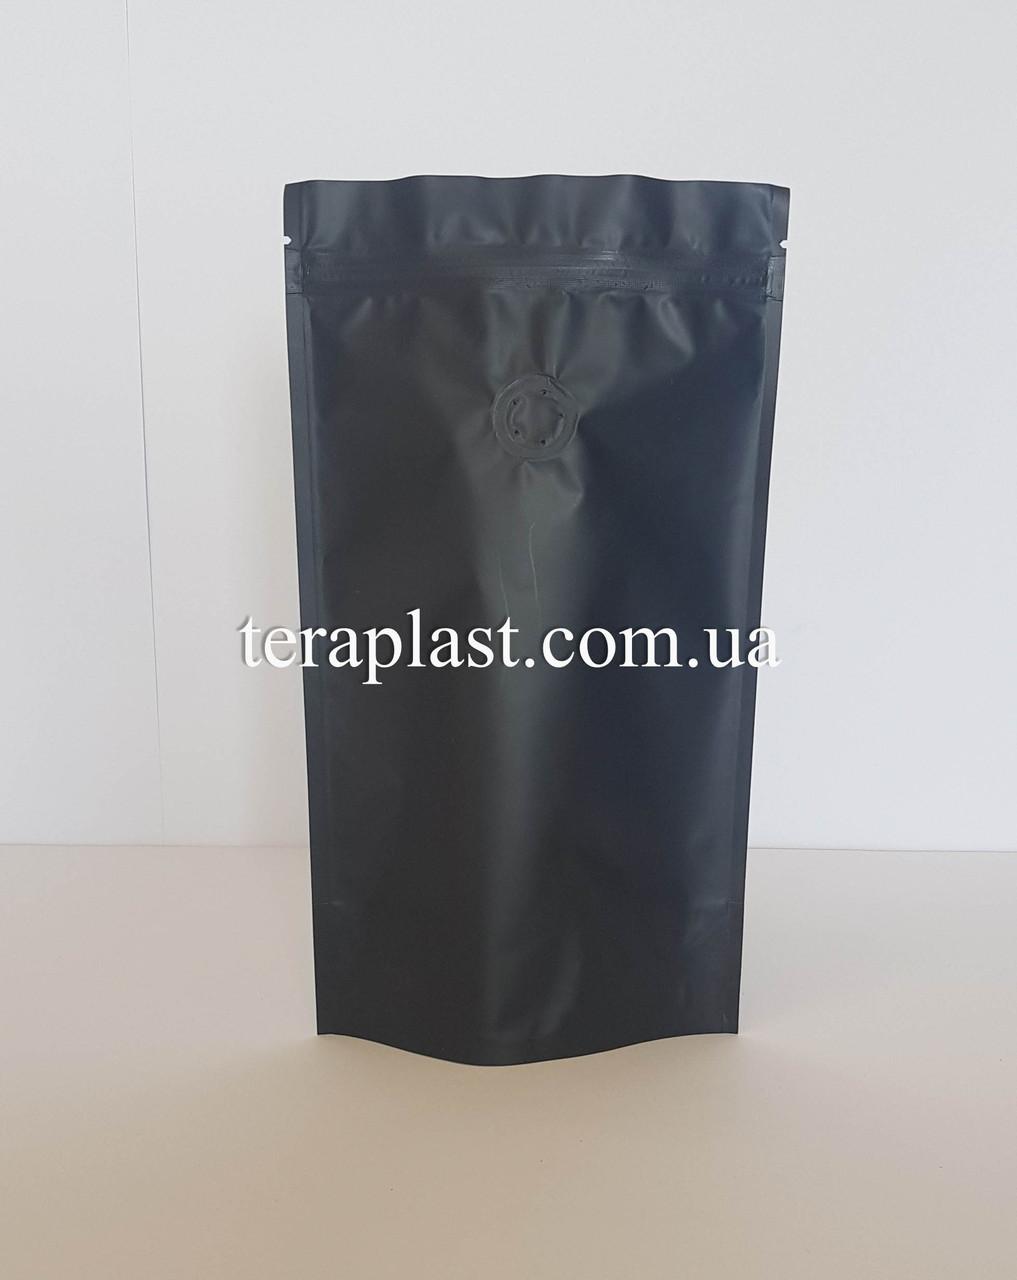 Дой-Пак 250г чорний 140х240 з зіп замком з клапаном для кави